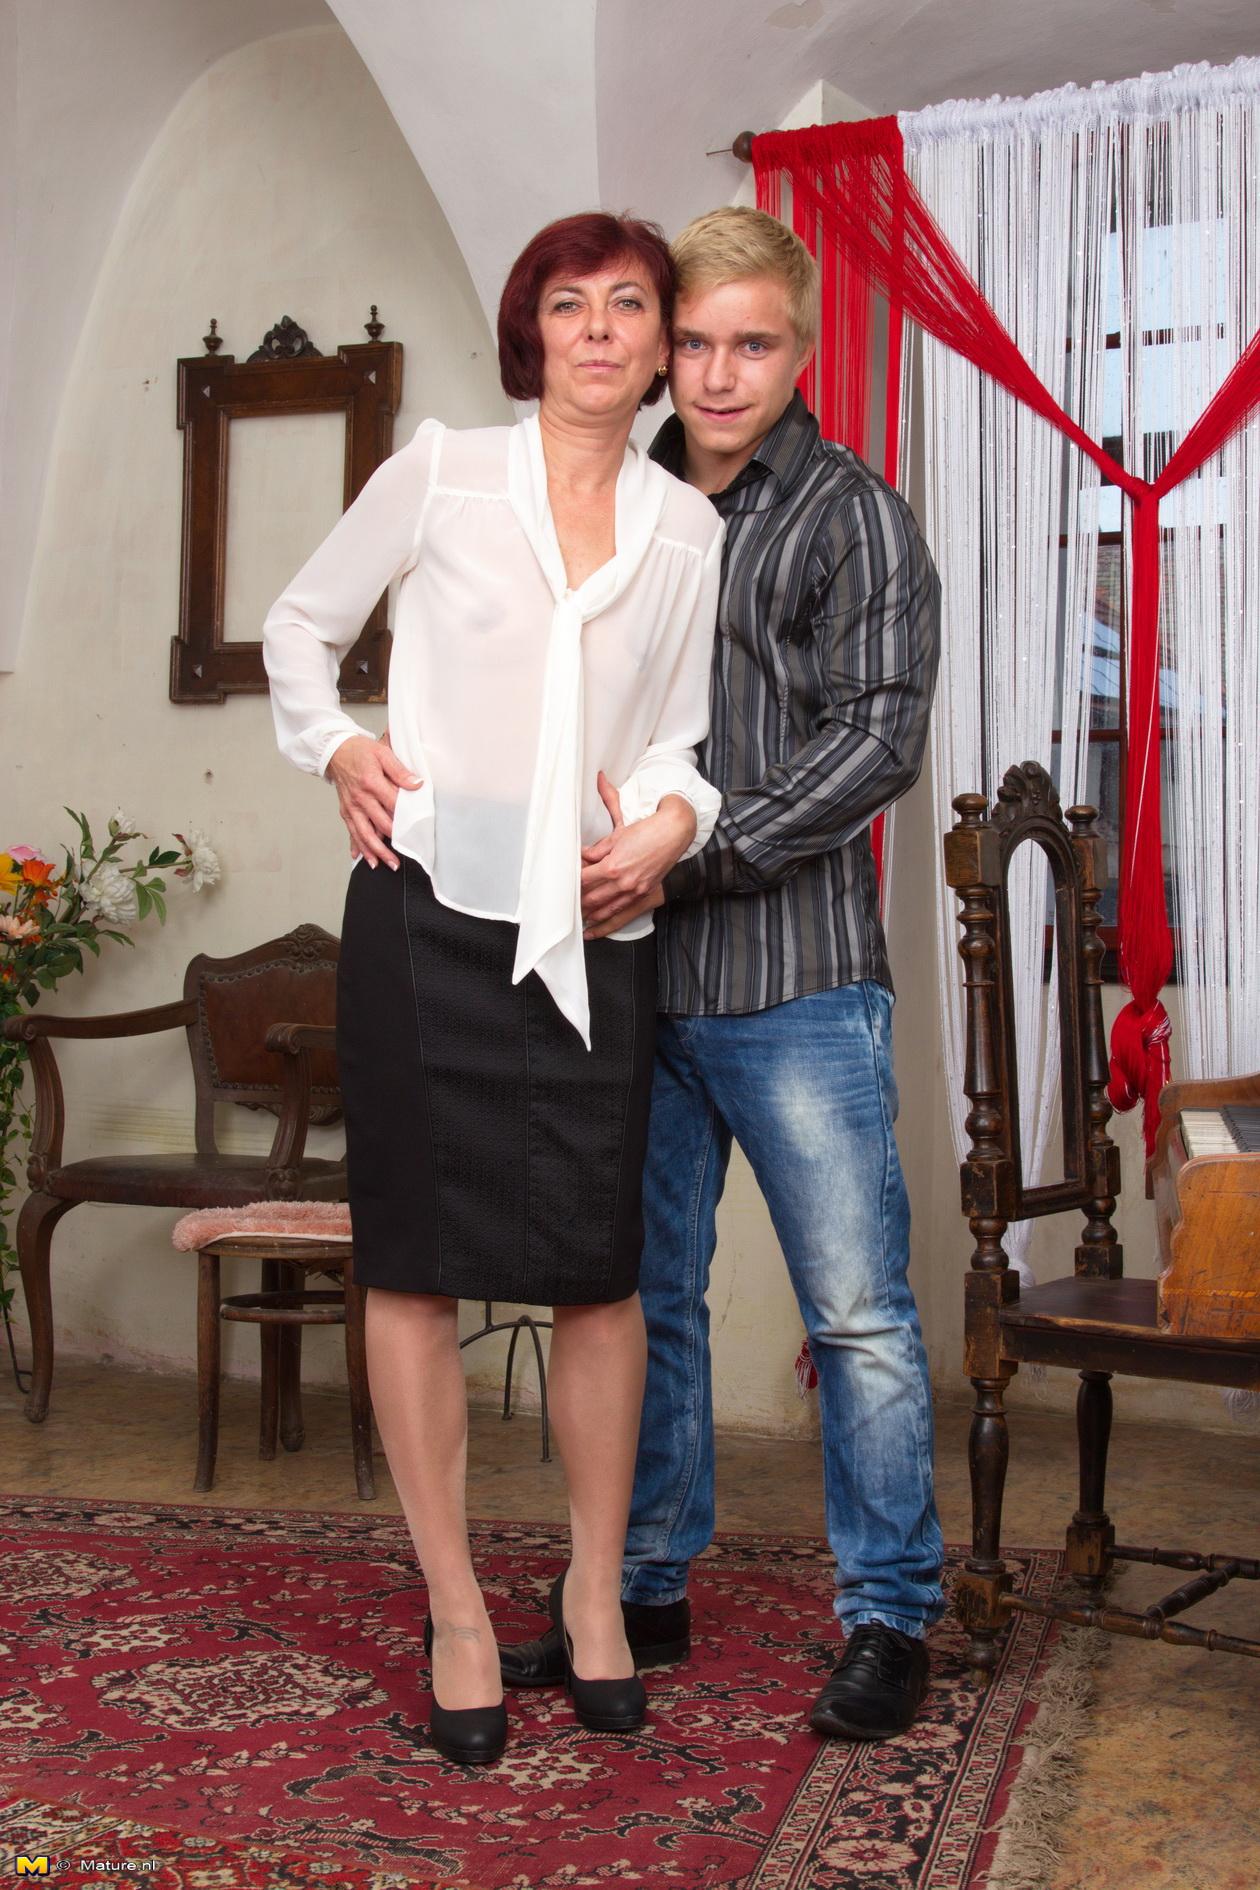 Mature teacher seduces student